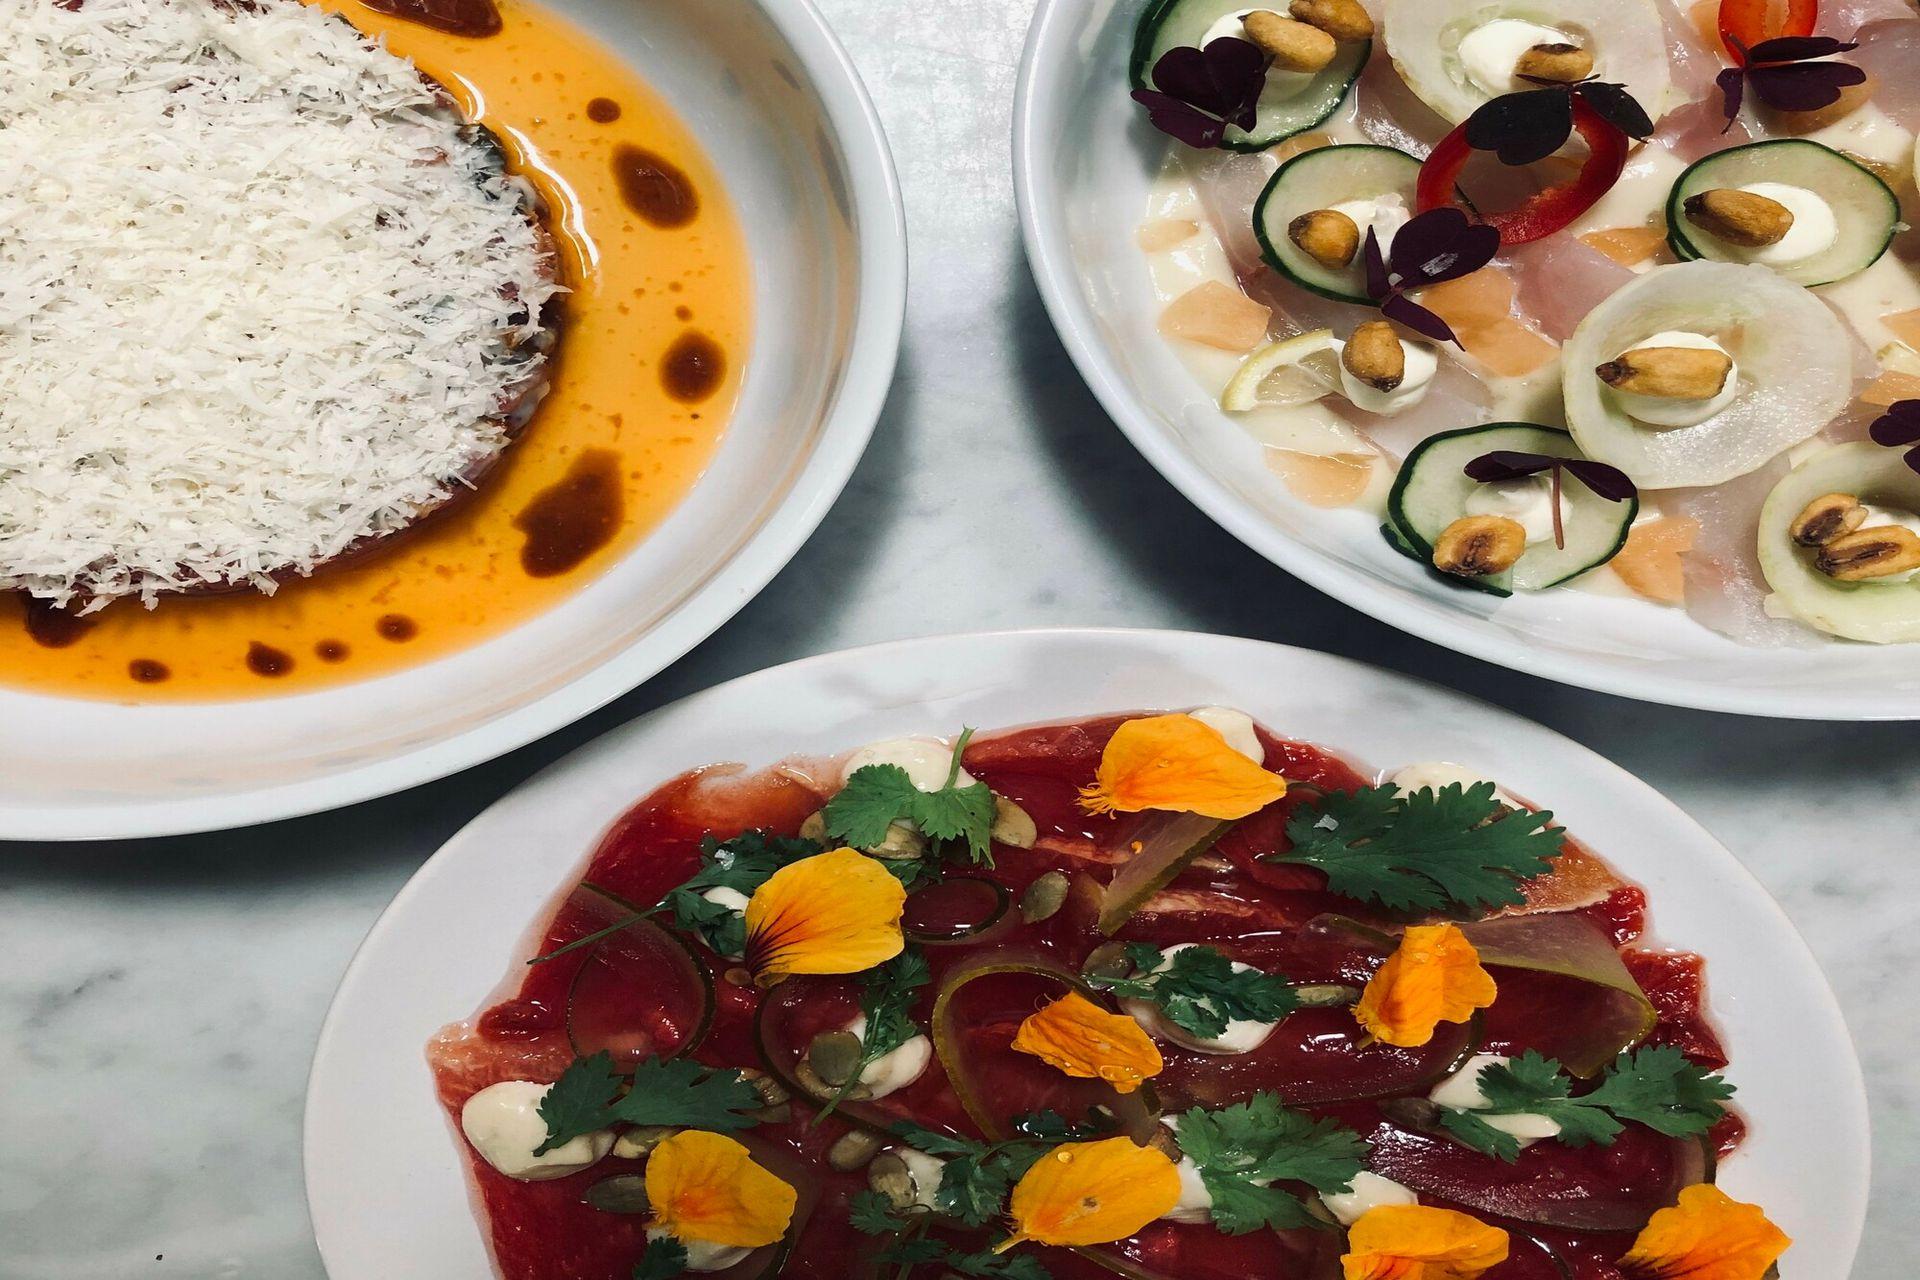 Los platos mas aclamados del verano en Julia Restaurant: Tartare de lomo, Sashimi de pez limón y Carpaccio de sandía